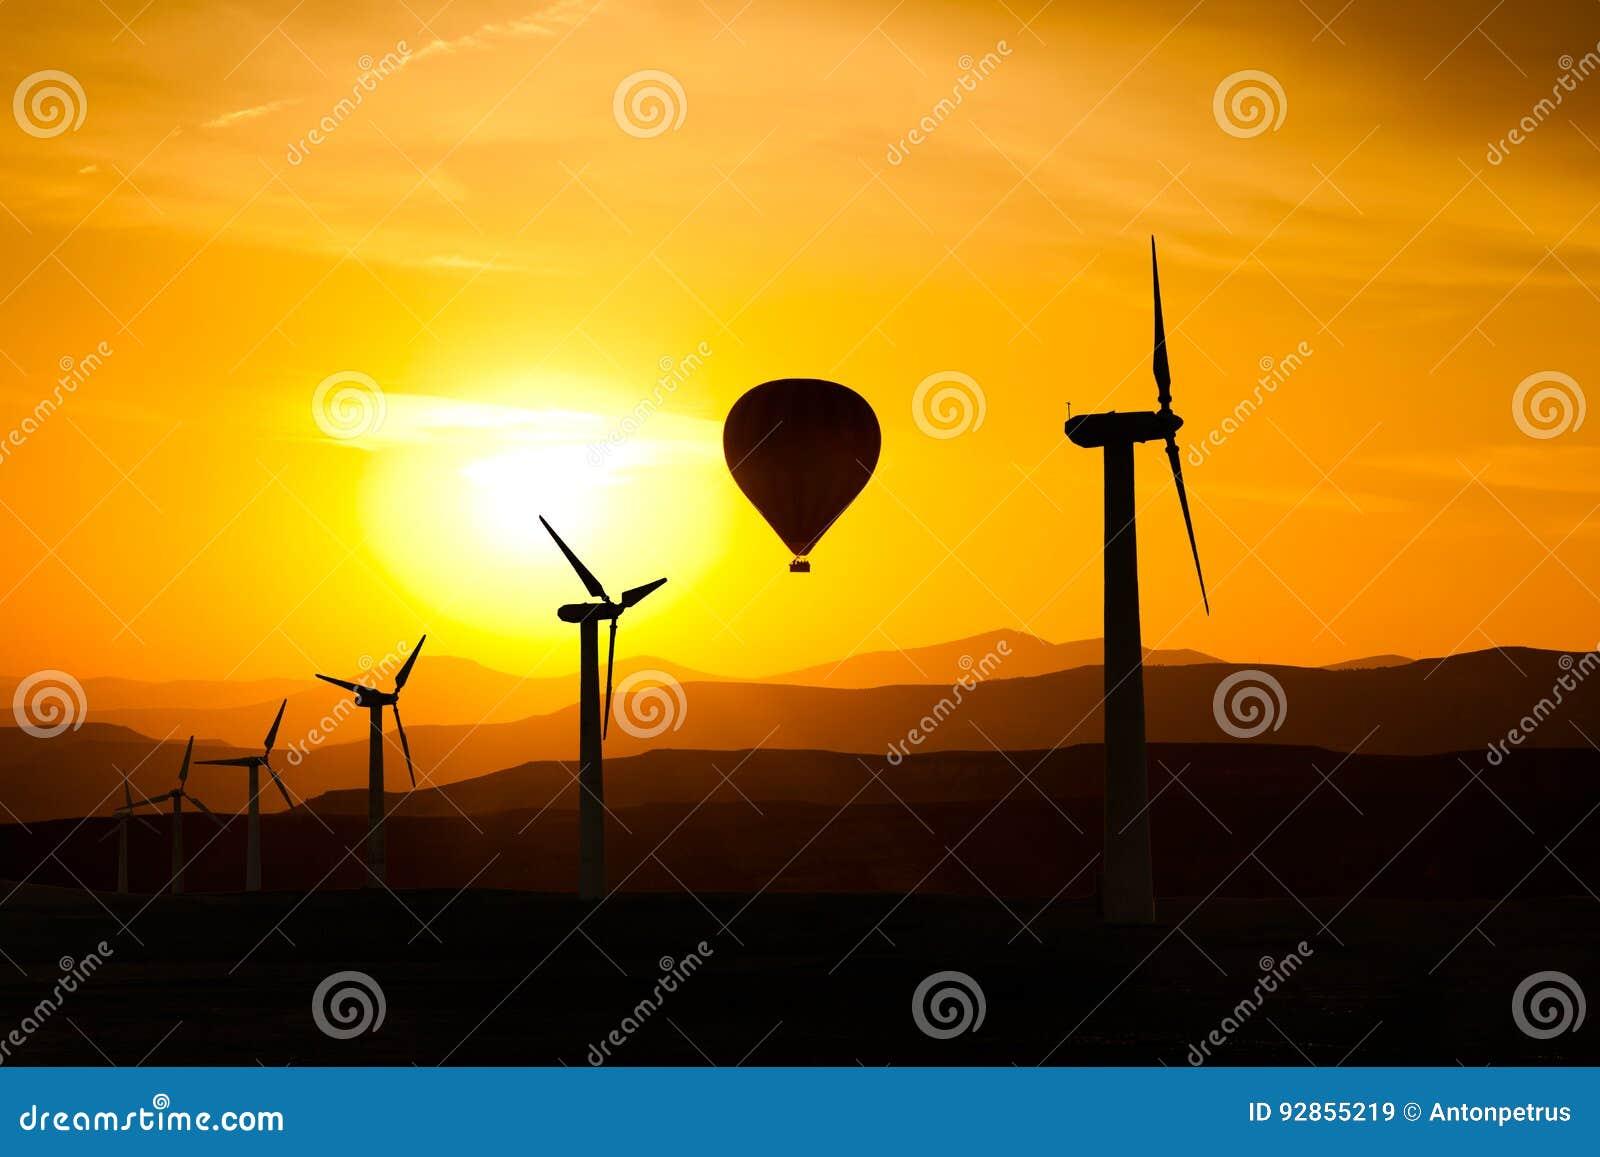 风轮机剪影和一个热空气迅速增加f山和日落